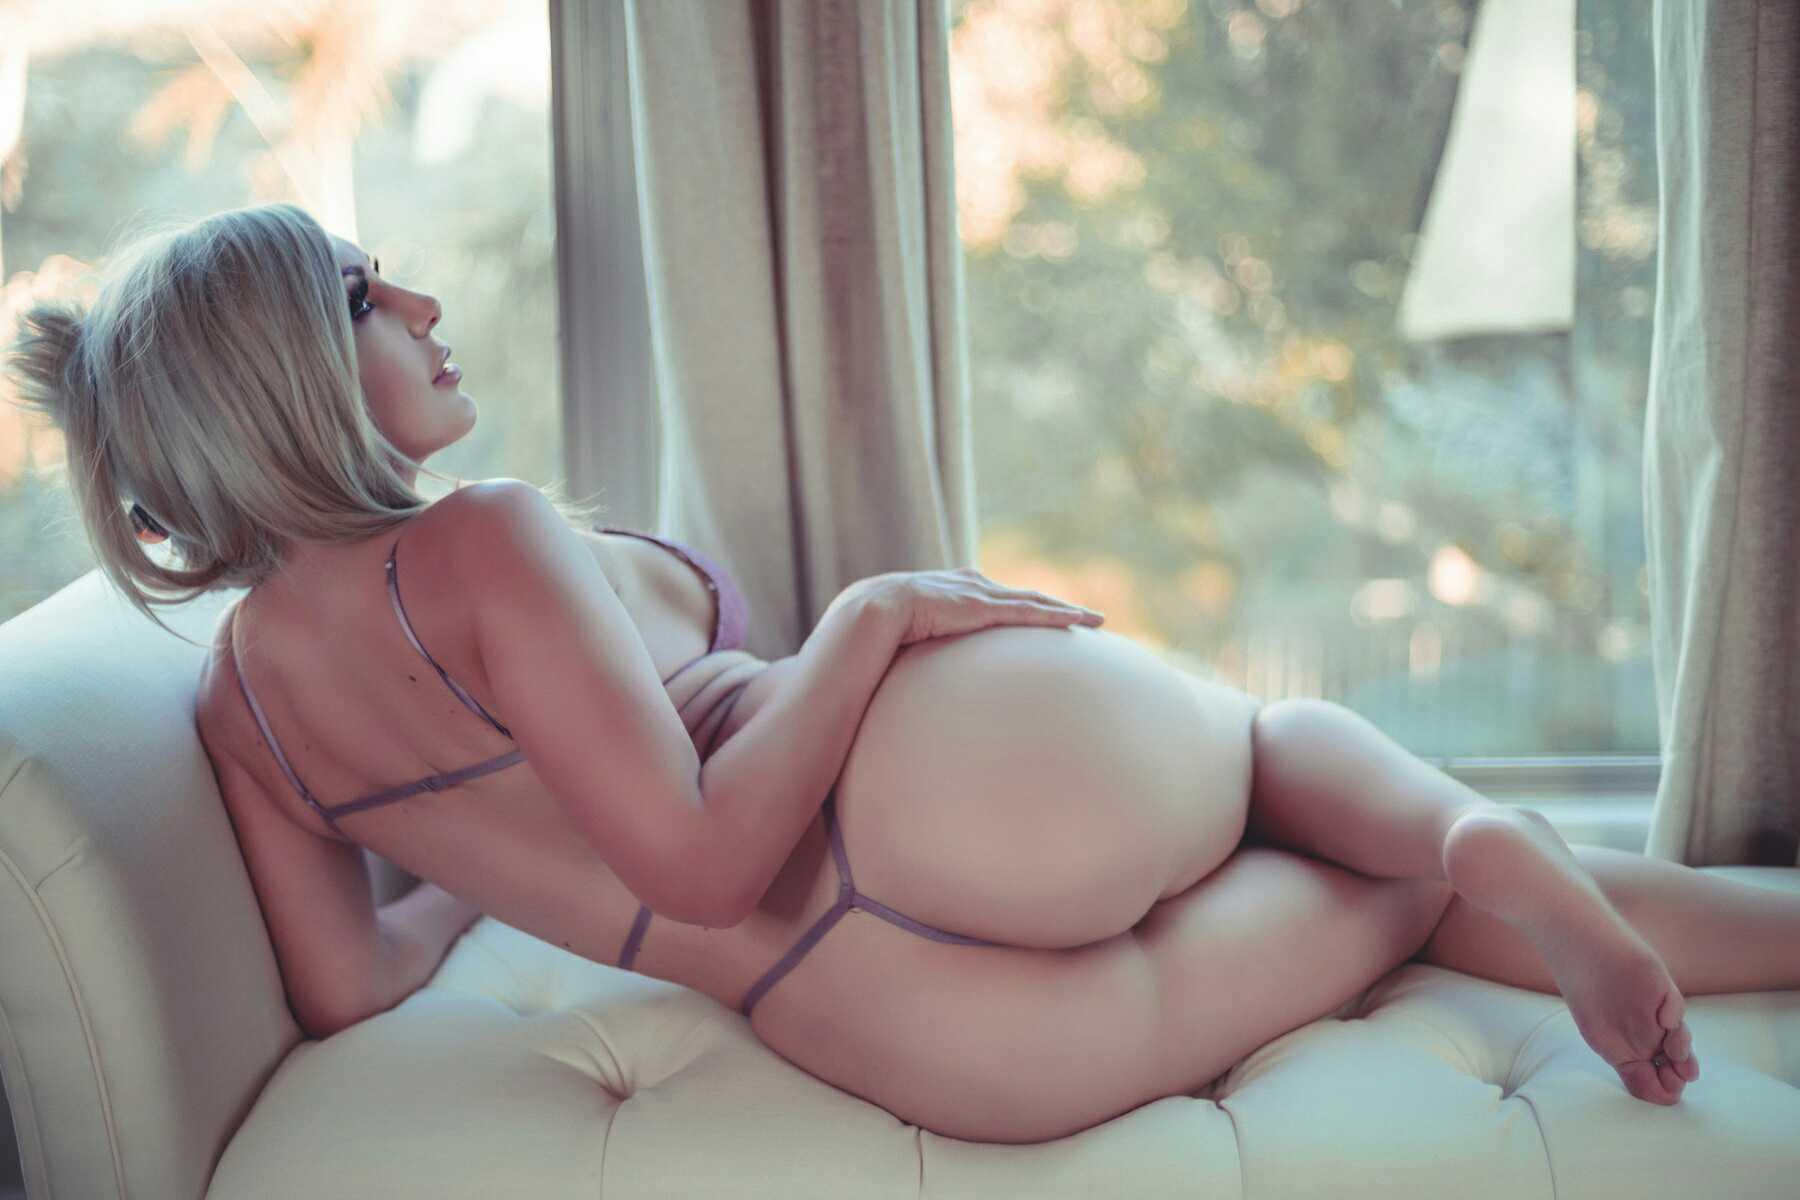 Jessica Nigri, Onlyfans Lavender Lingerie 0051